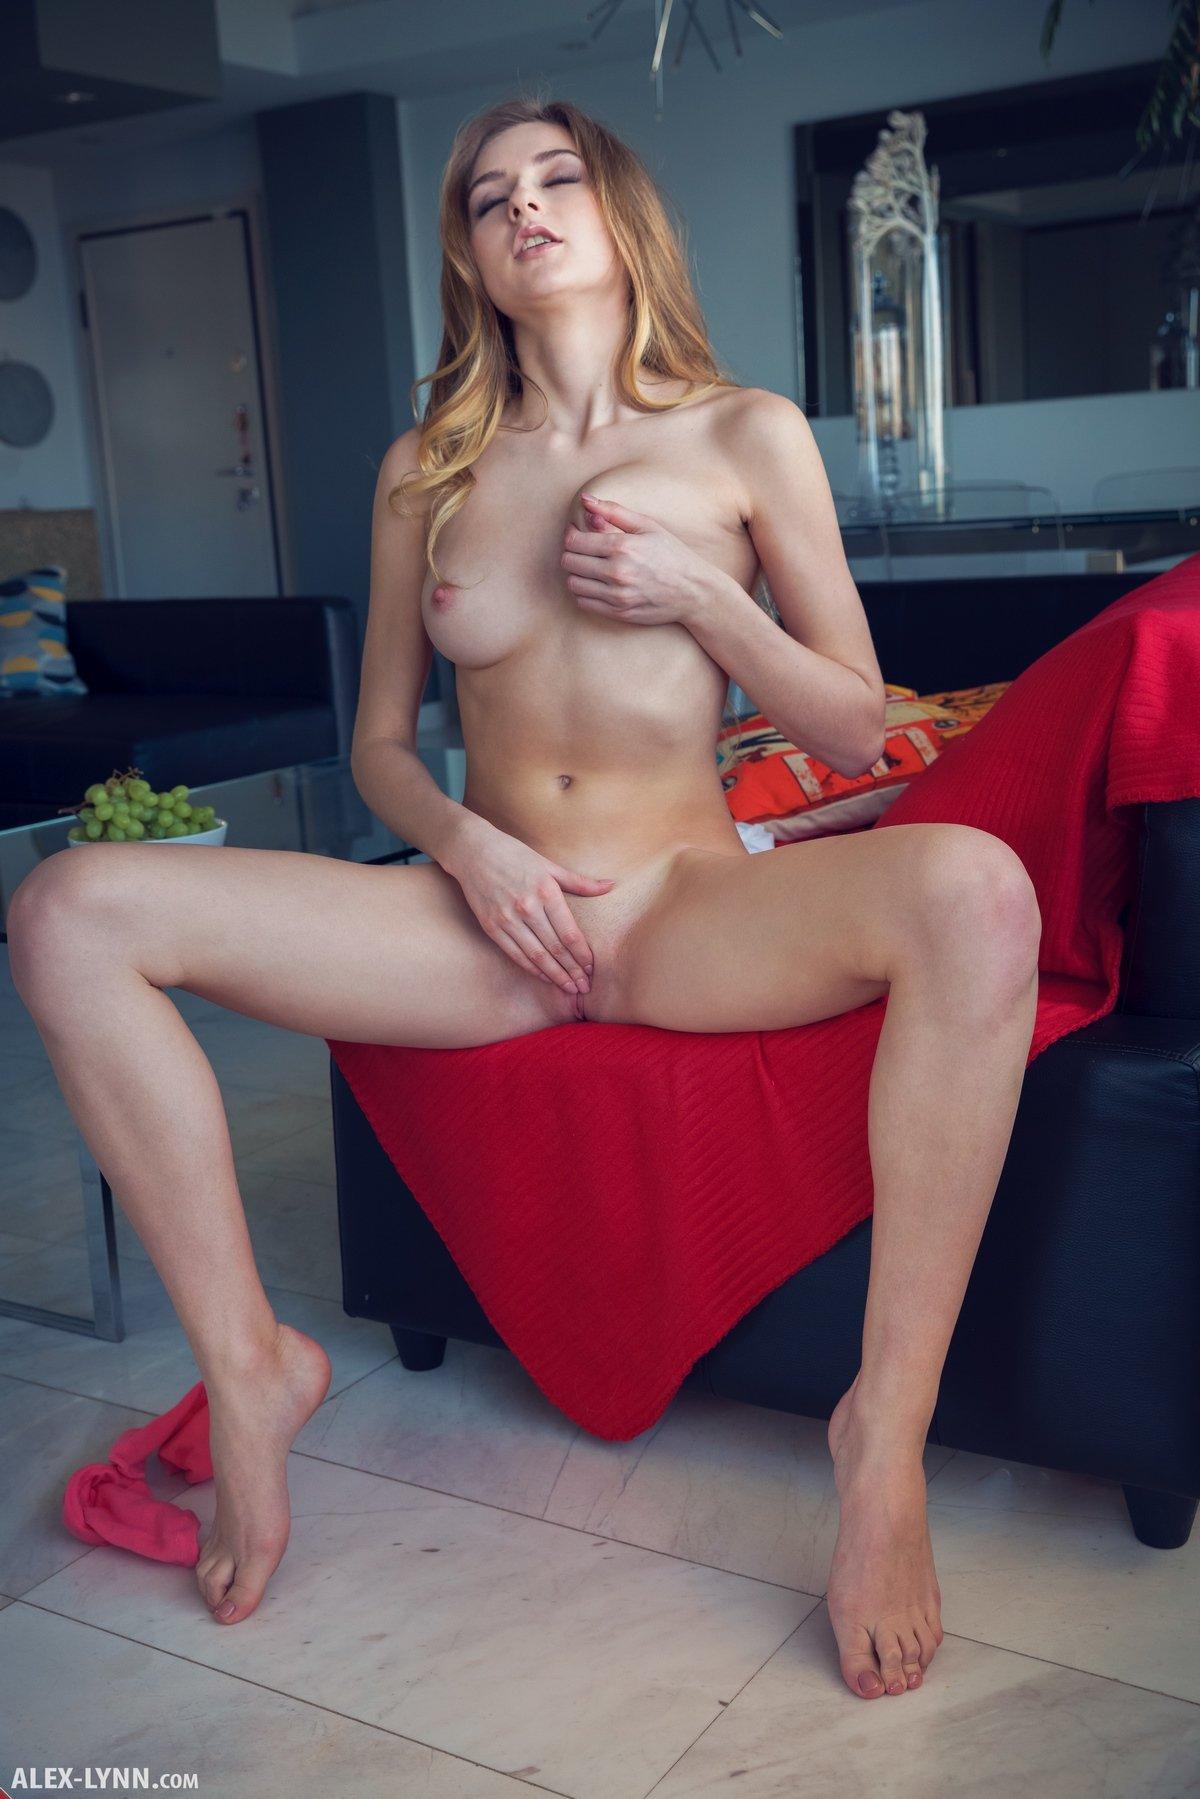 Хорошенькая барышня с рыжими волнистыми волосами голая ест виноград